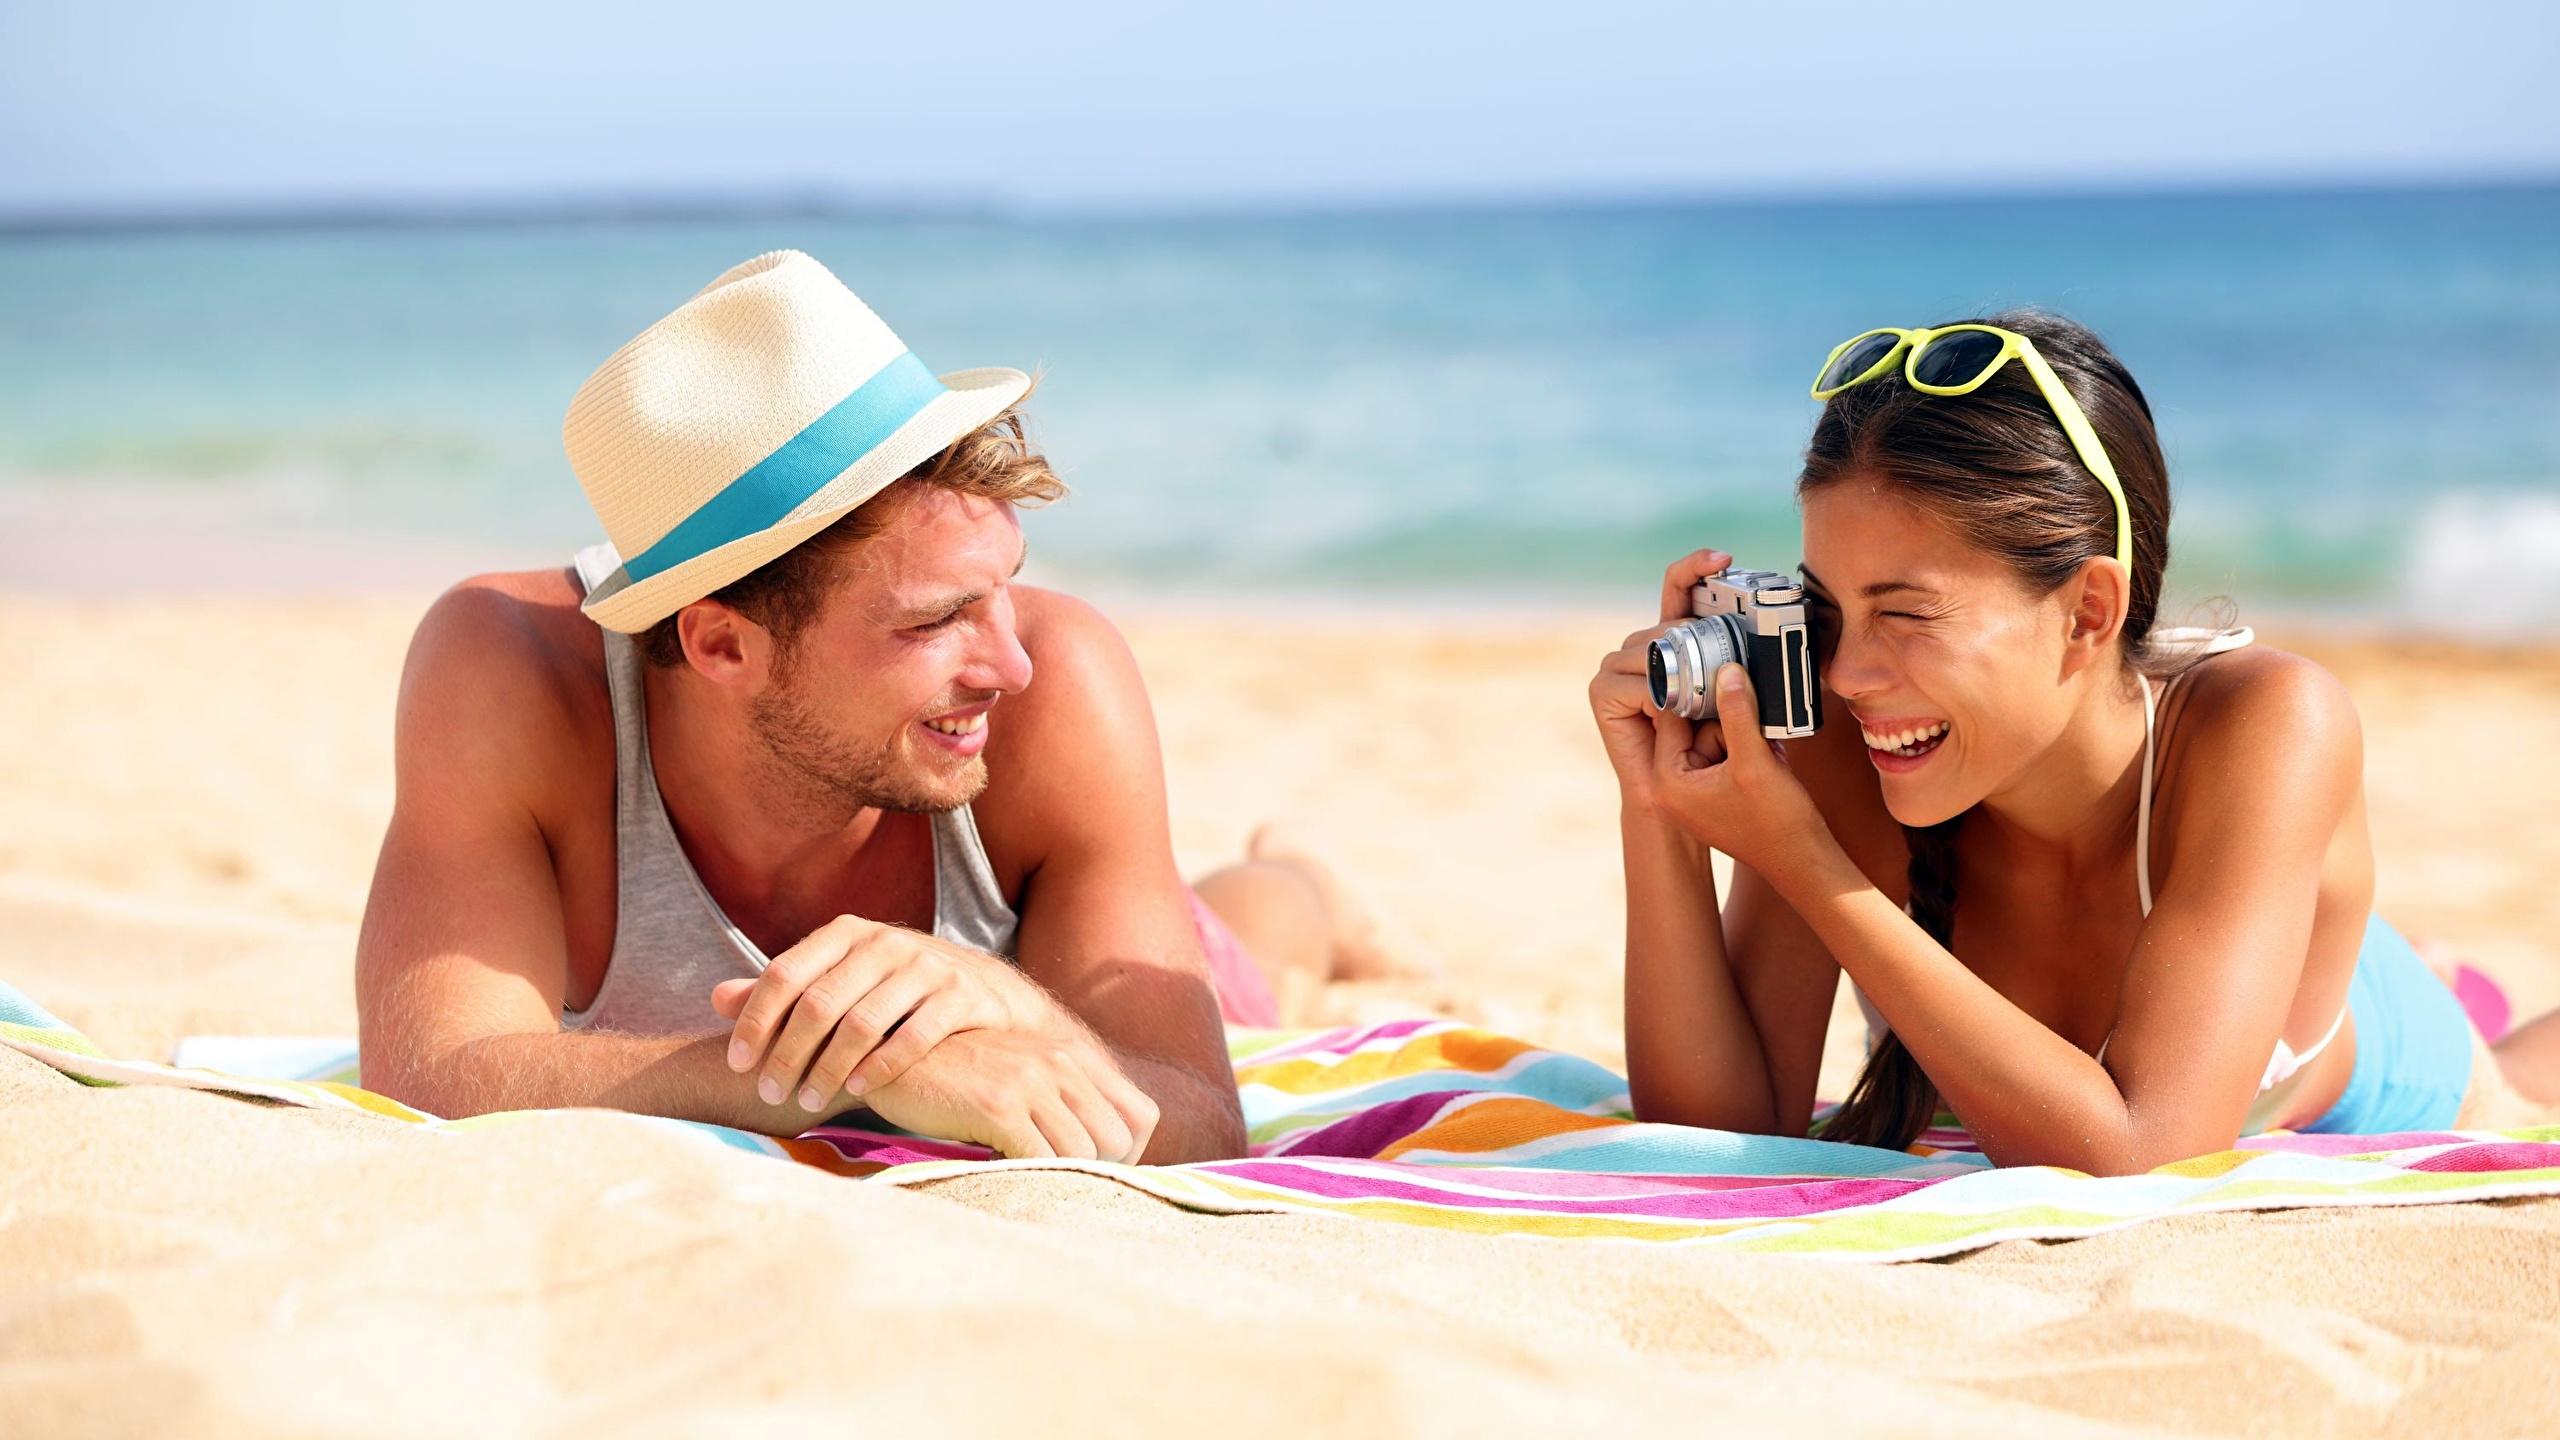 5 советов психологов, как не разрушить отношения в первый совместный отпуск